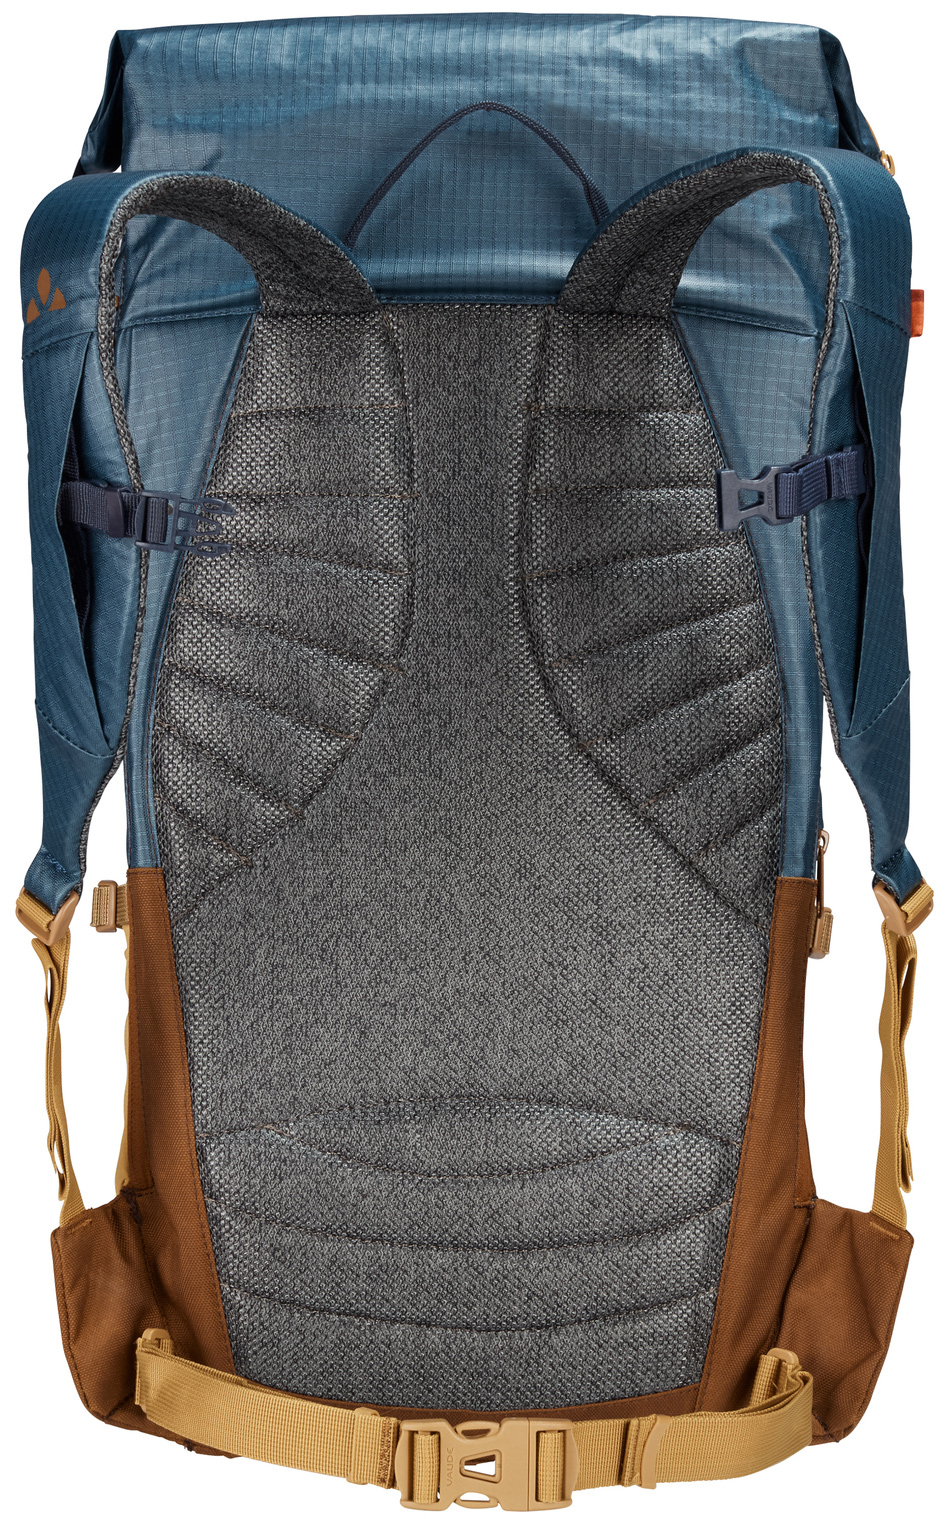 Image of Vaude CityGo 23 Backpack - caramel